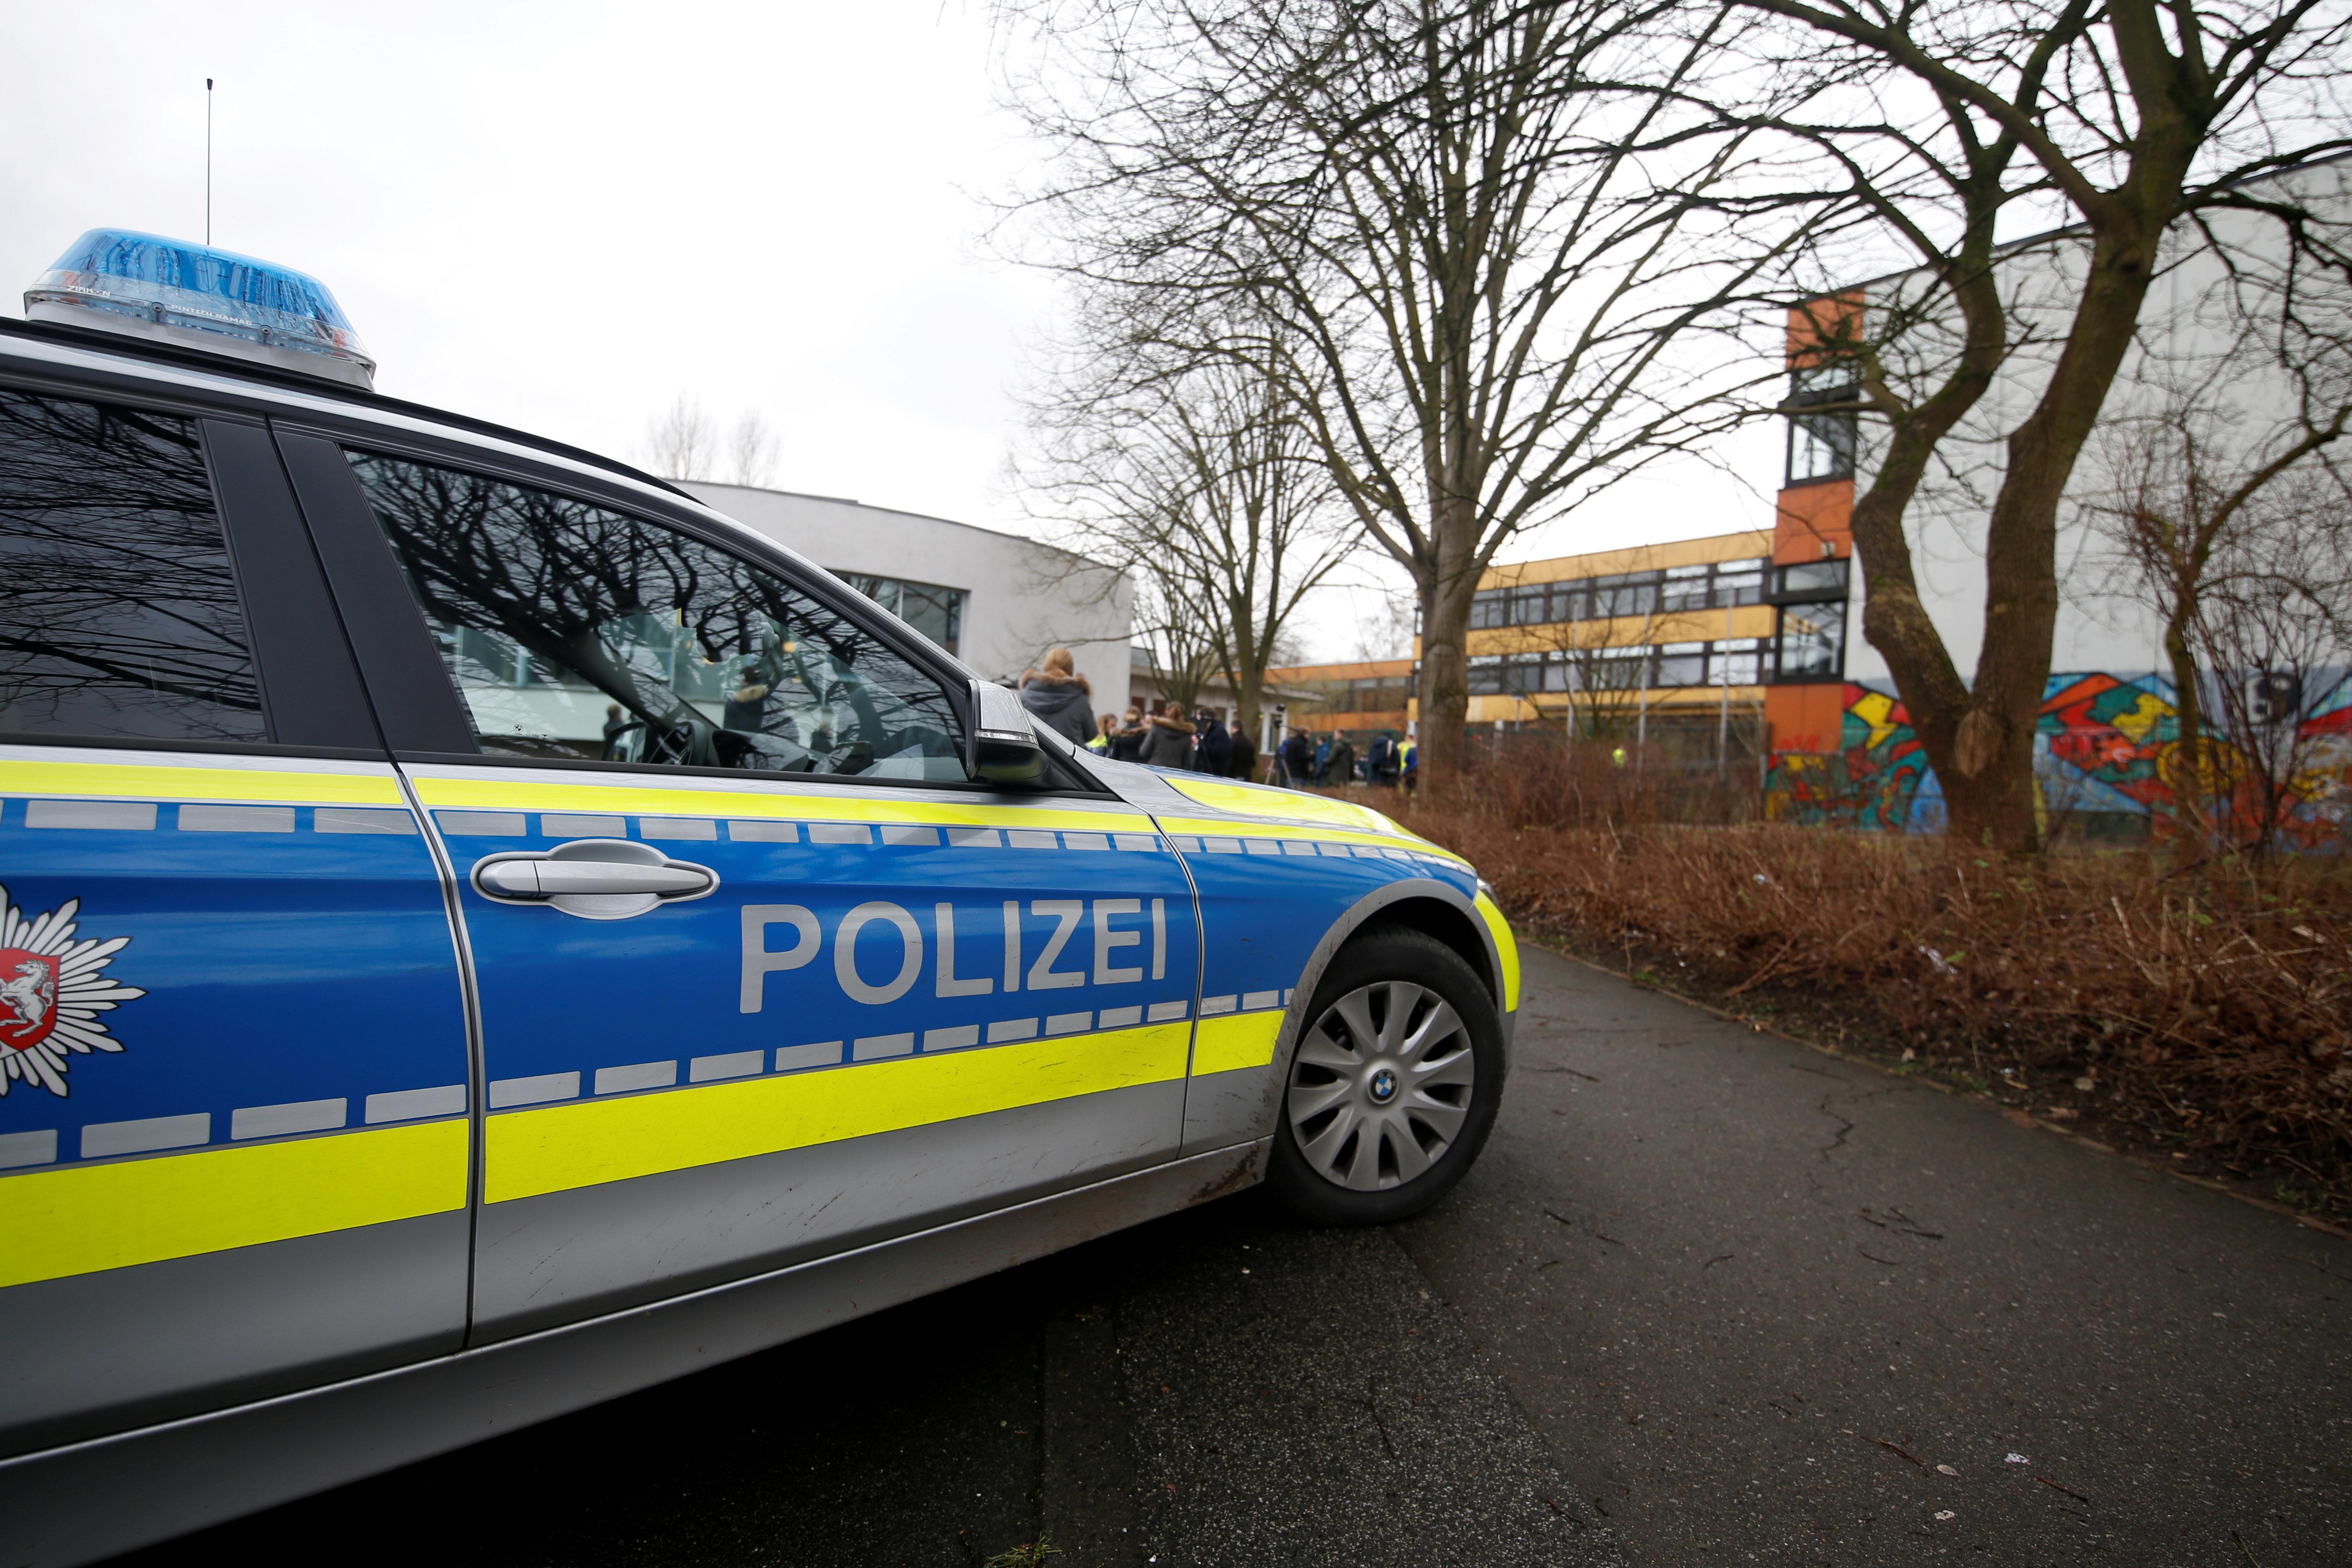 Polizei nach Vergewaltigung auf Friedhof in der Kritik